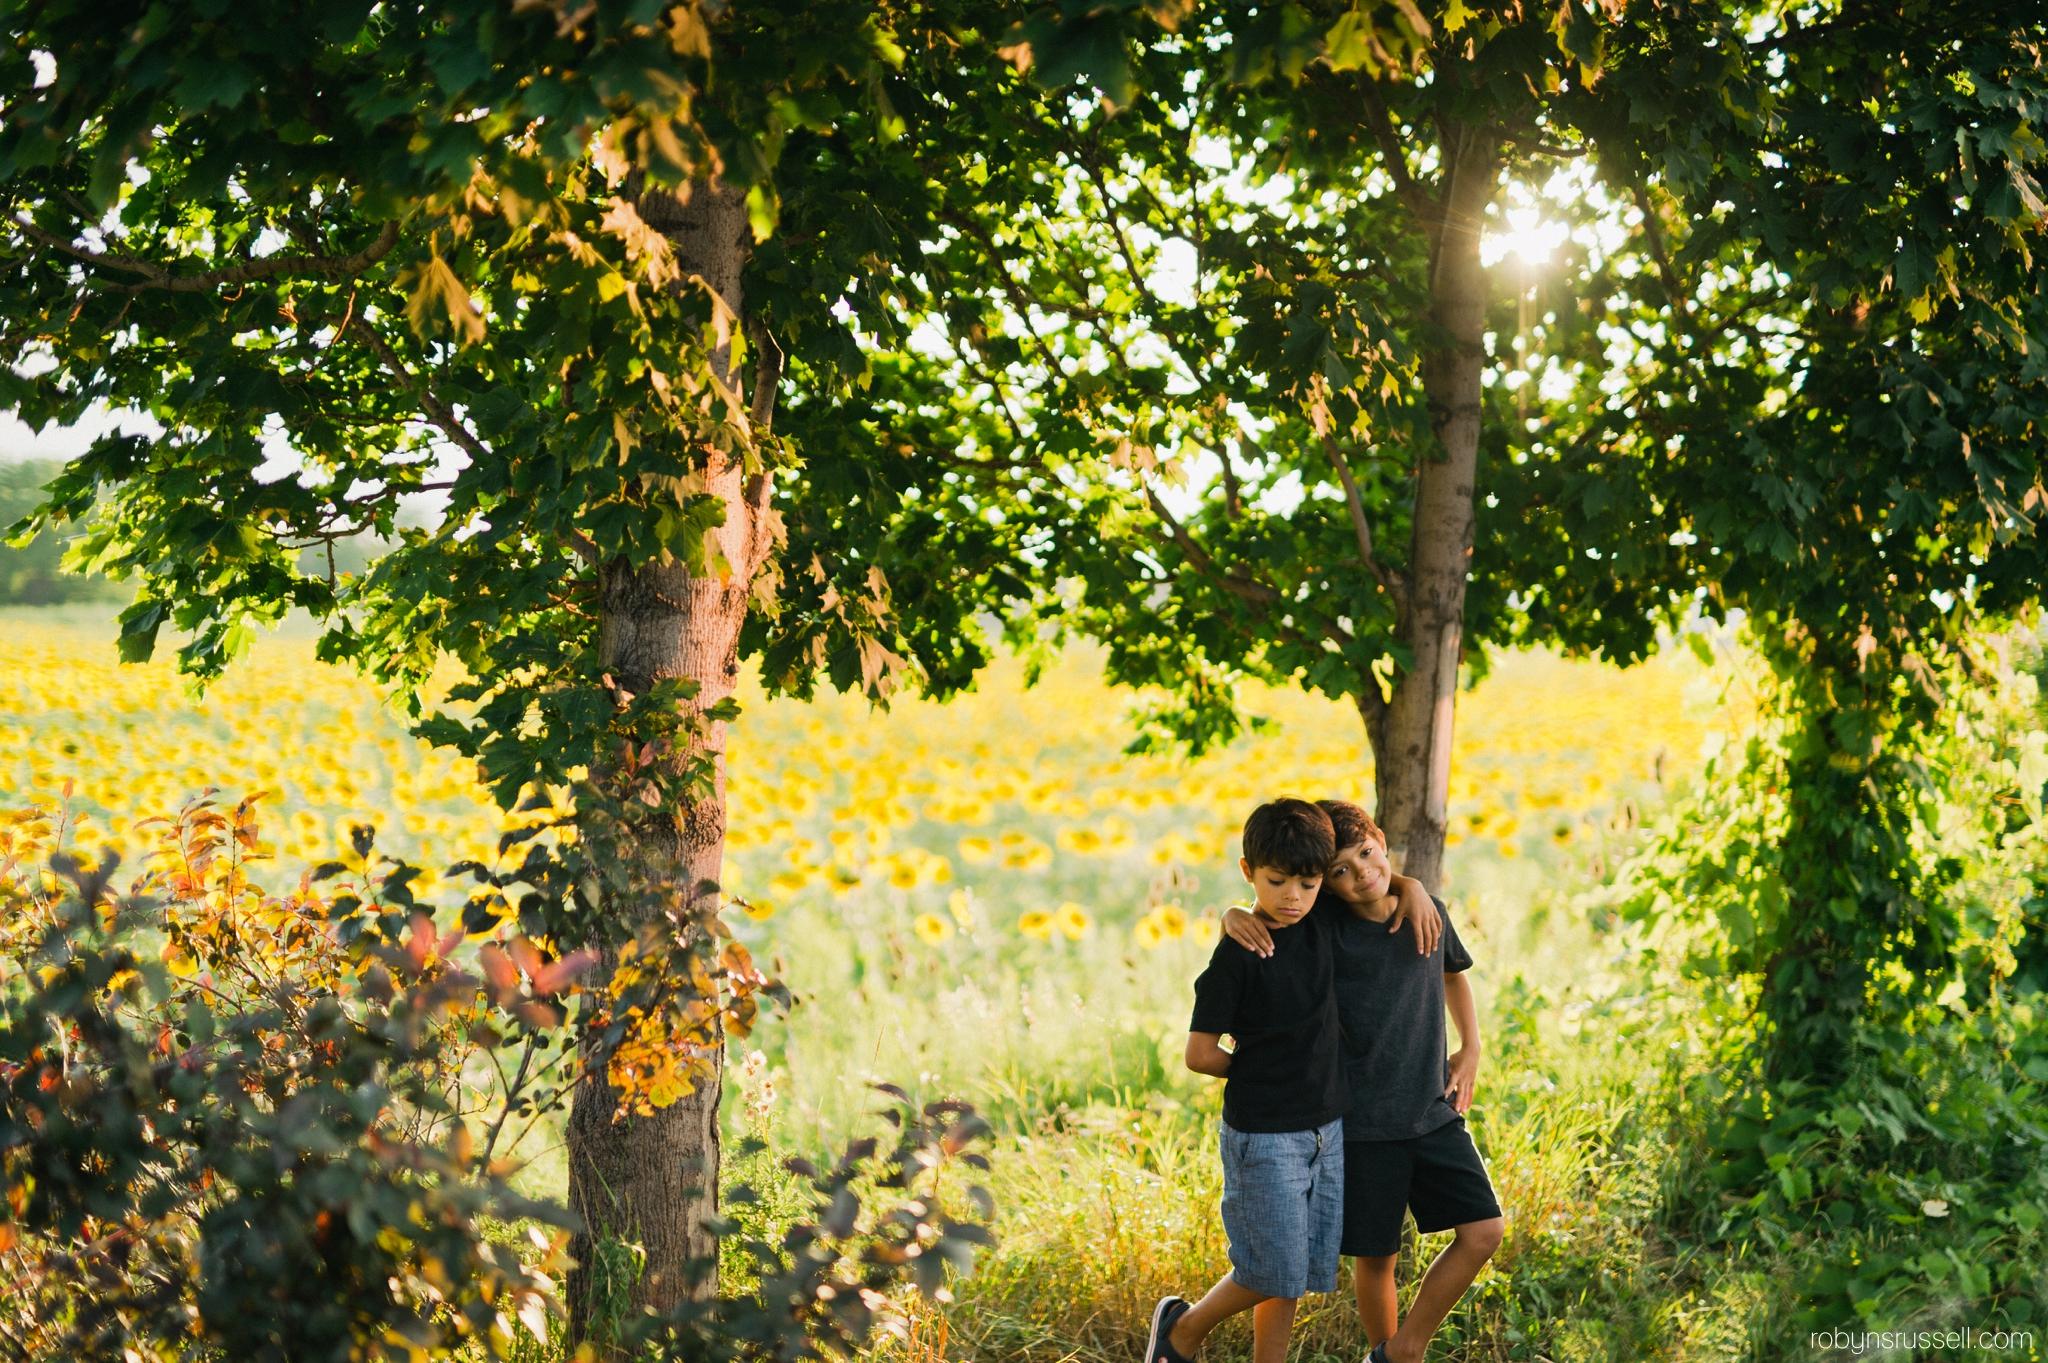 boys in sunflowers in burlington